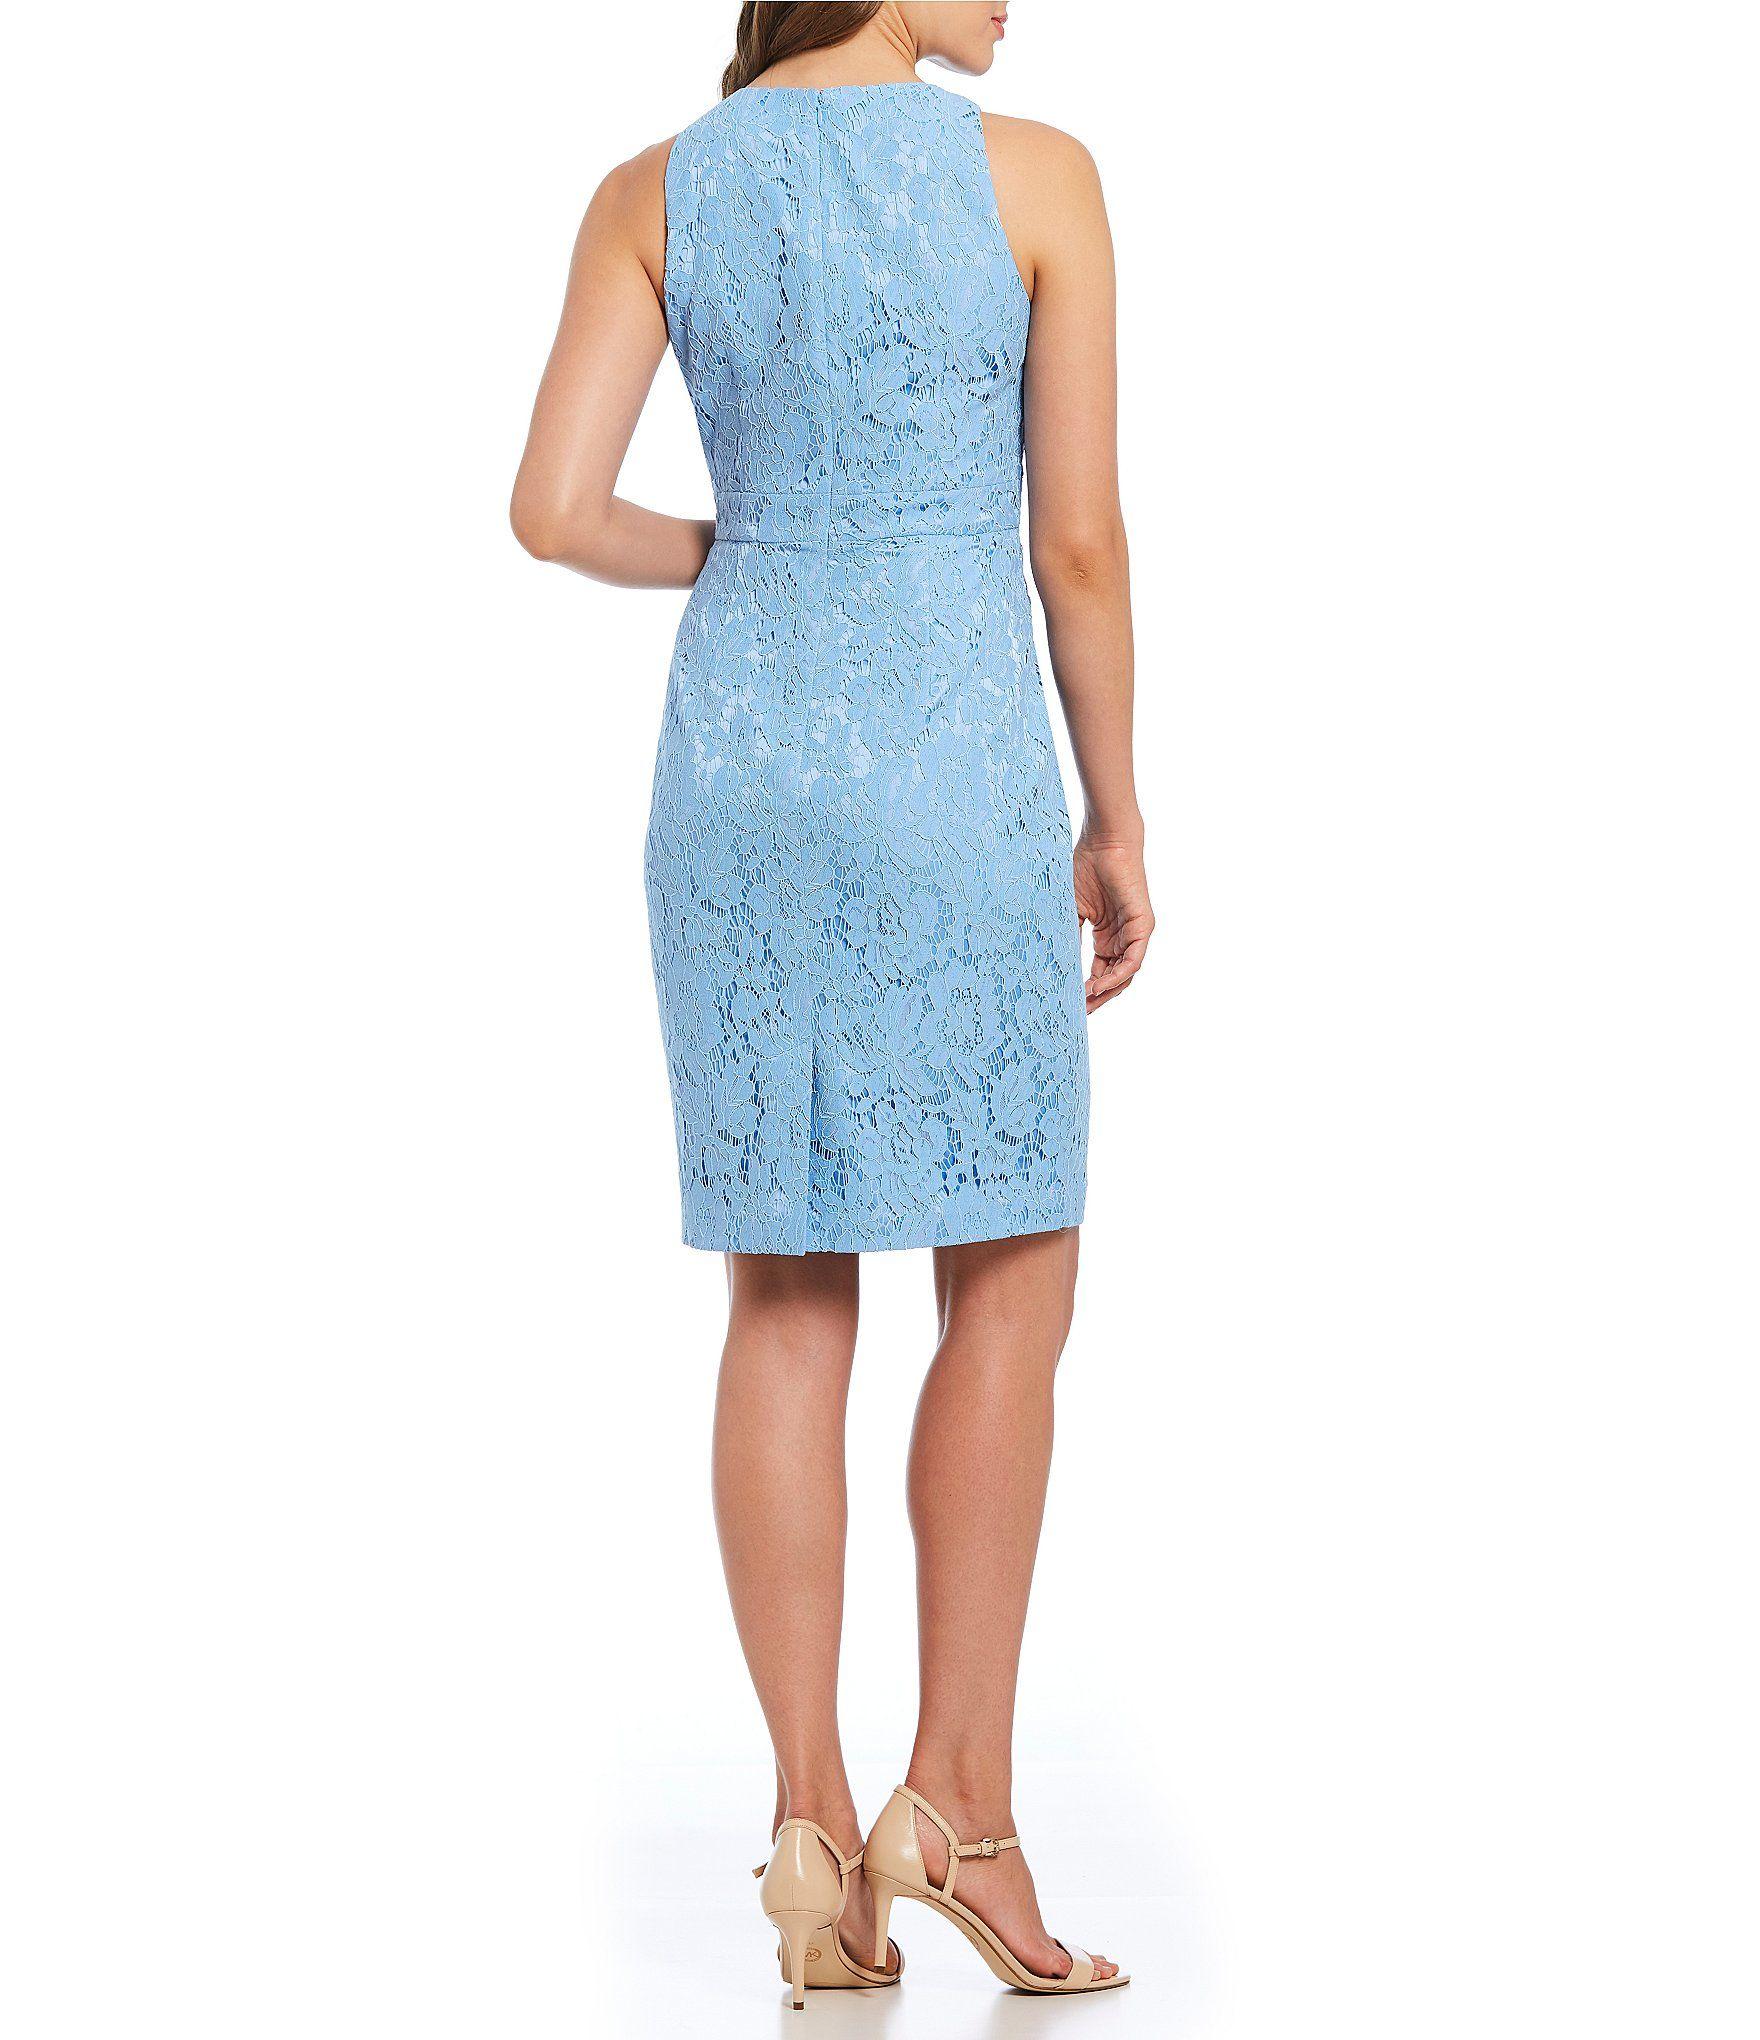 d2ebe59e2be Eliza J Lace Lace Ruffle Sheath Dress